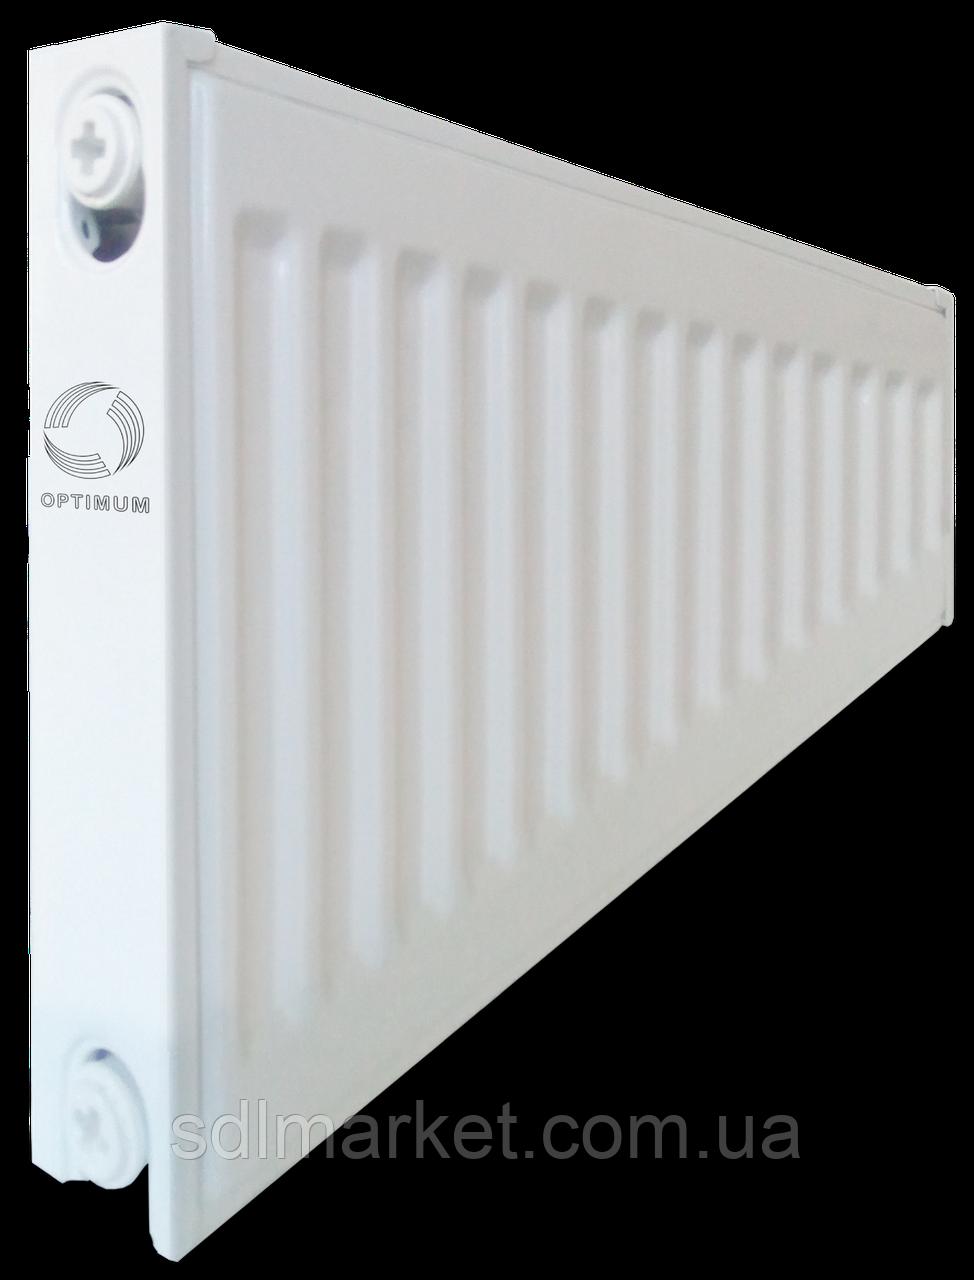 Радиатор стальной панельный OPTIMUM 11 низ 300х2600